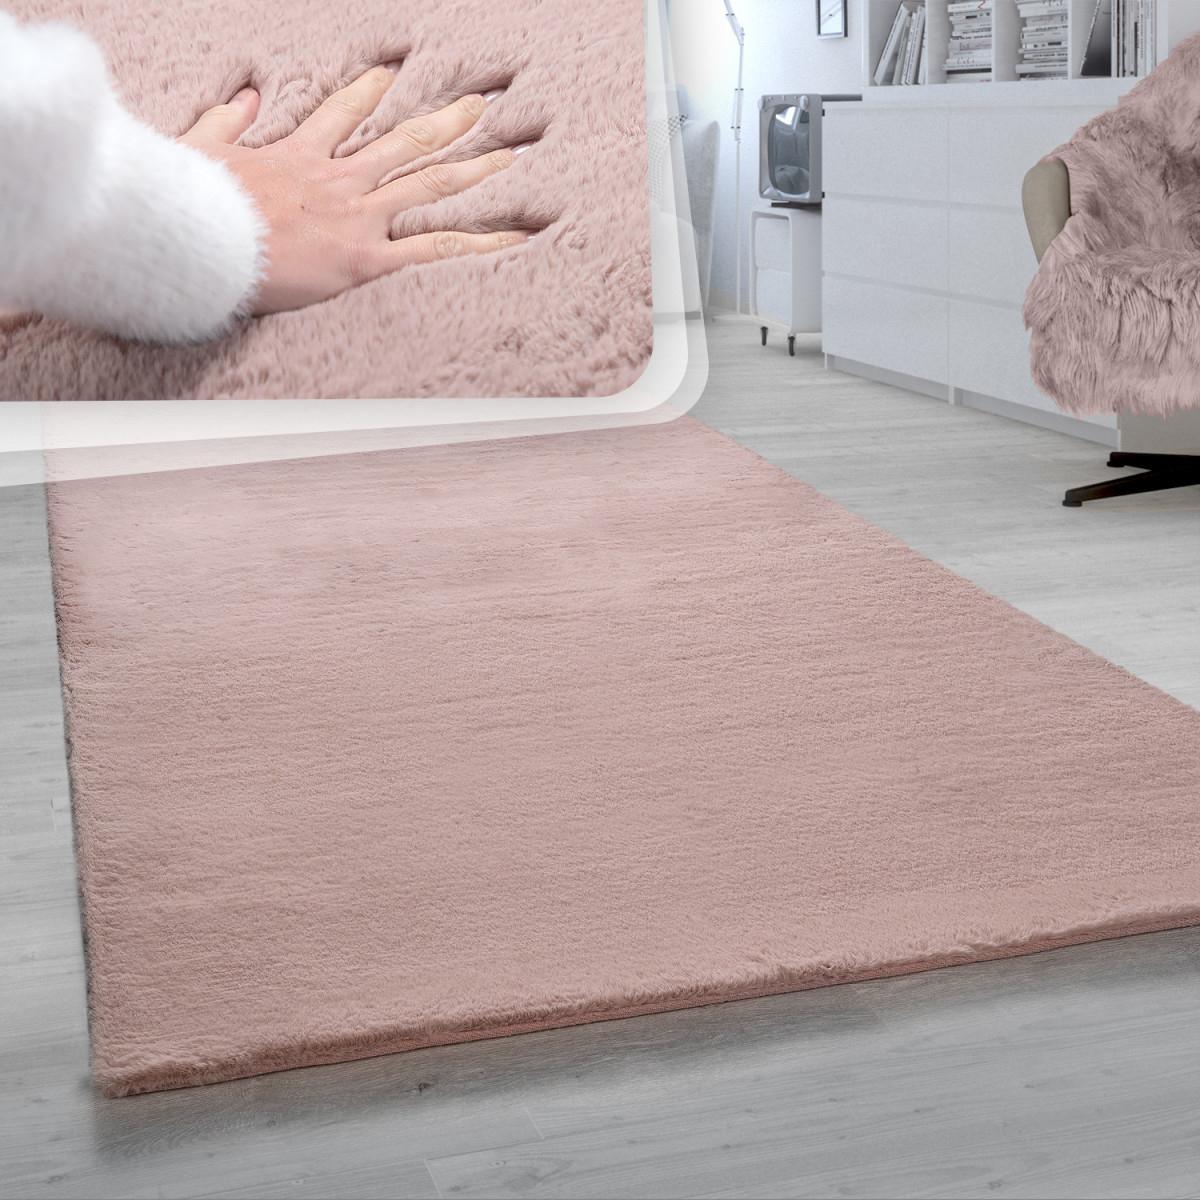 Details Zu Shaggy Teppich Wohnzimmer Rosa Pink Schlafzimmer Hochflor Fell  Kuschelig Weich von Teppich Wohnzimmer Rosa Photo